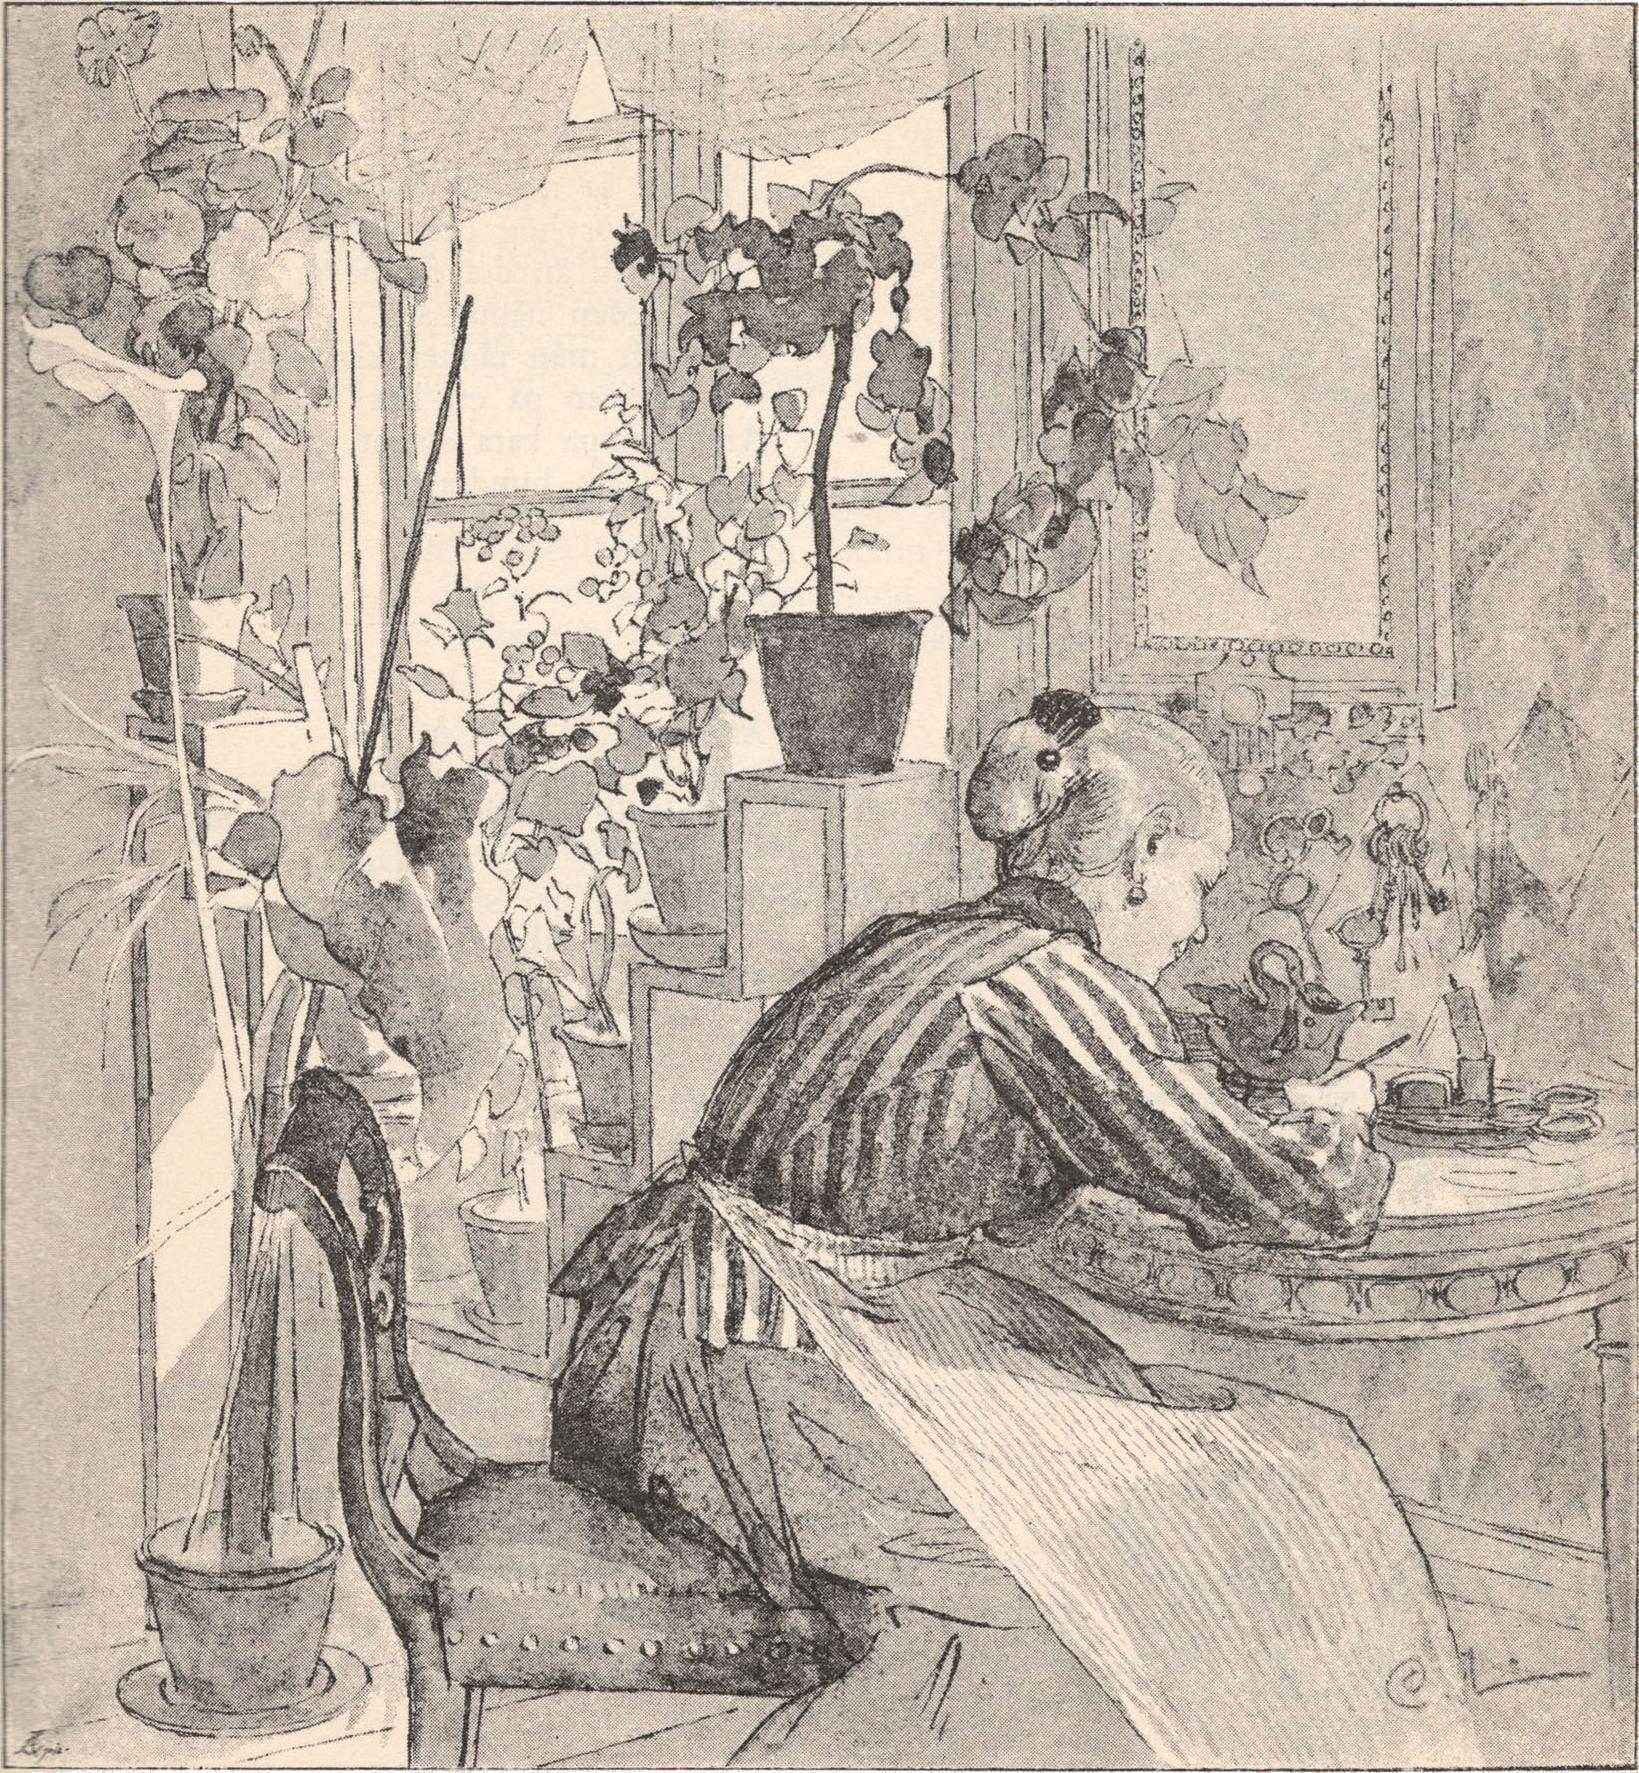 J. W. A. YLLANDERS DAGBOK 1889:  Juli D. 28 S.